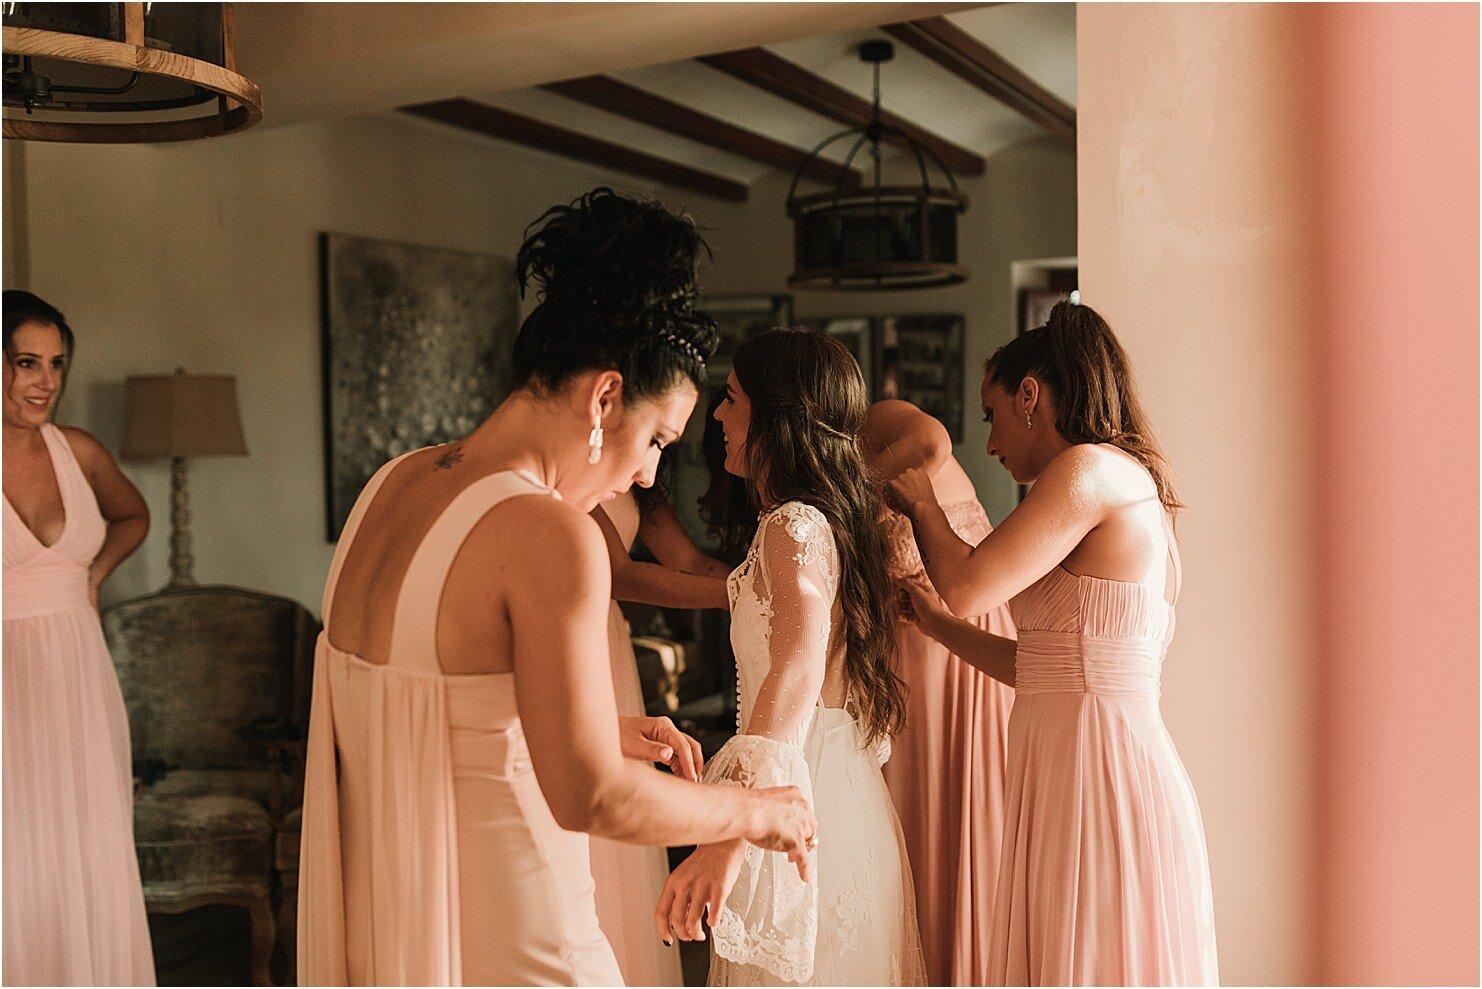 boda-boho-vestido-de-novia-boho-38.jpg